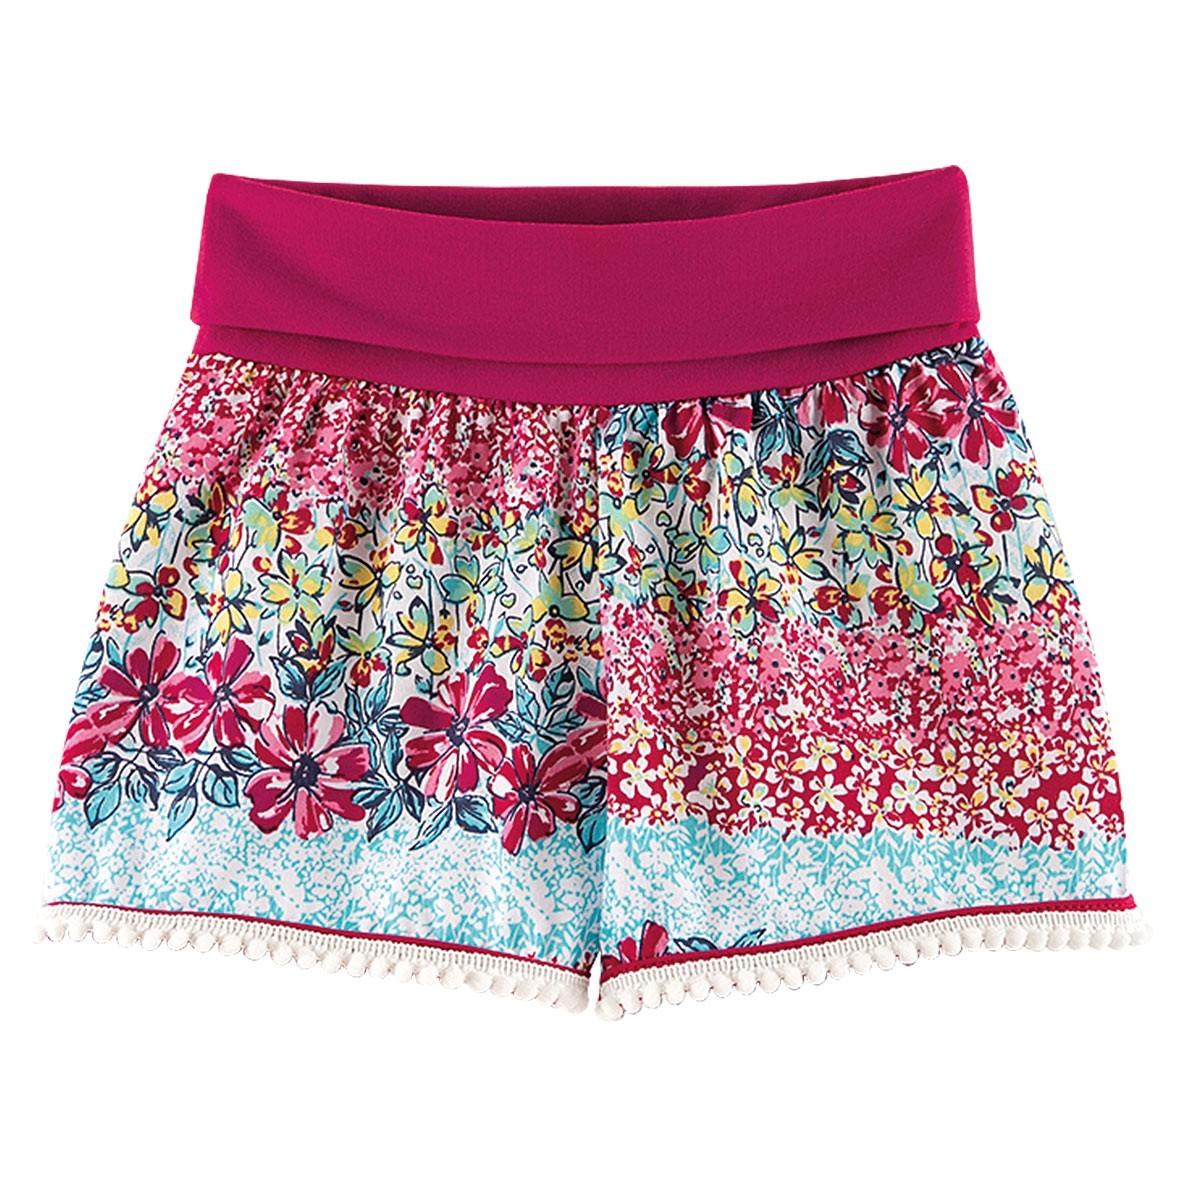 Shorts Infantil Menina Estampada Floral Pink - Fantoni